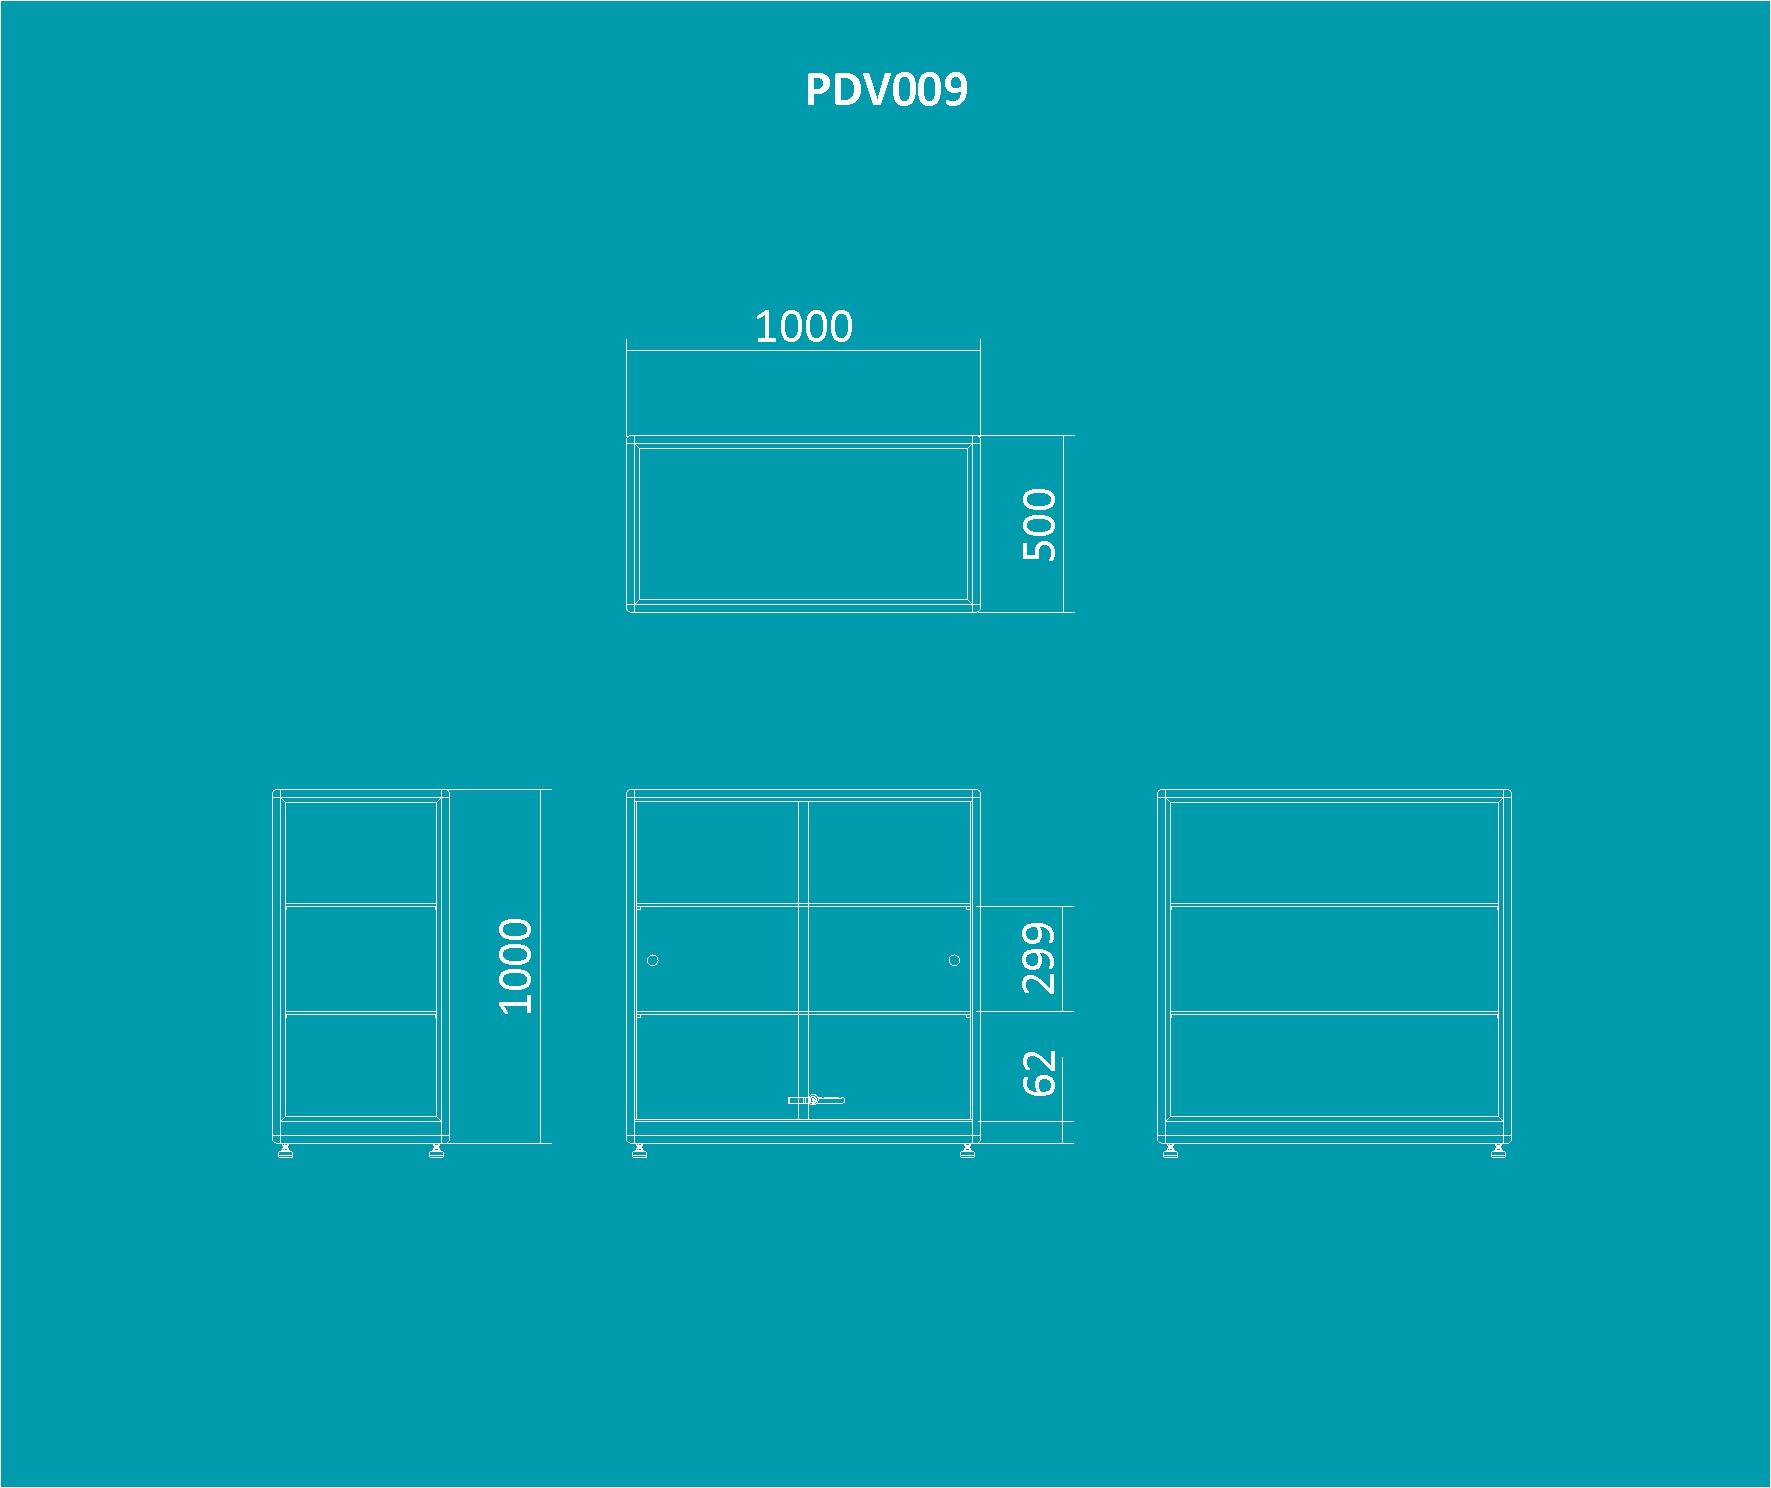 PDV 009 - Balcão expositor 1000mm de altura